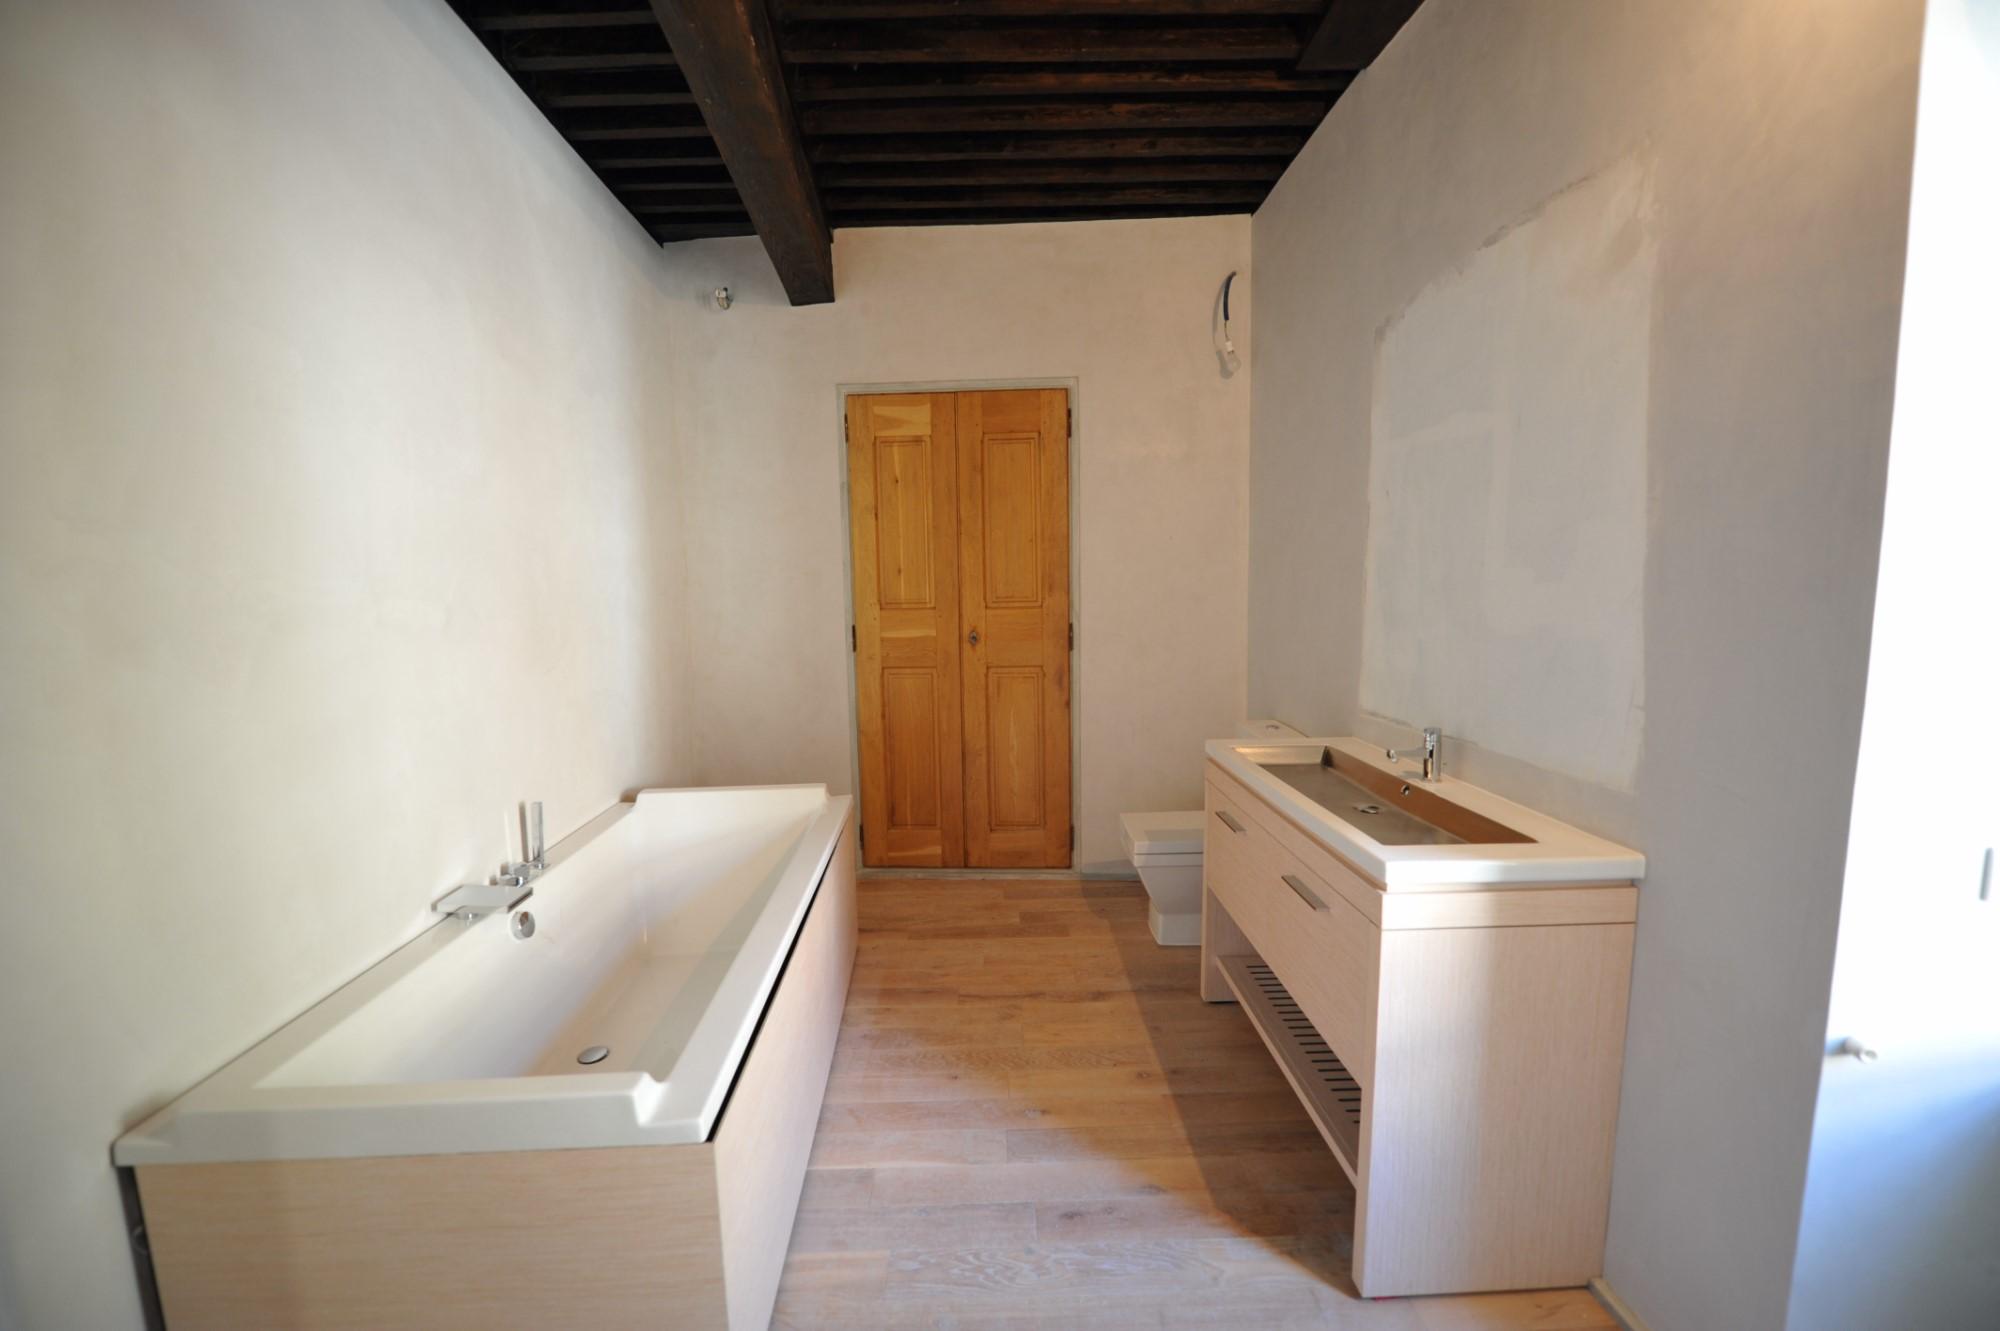 A vendre, Luberon, authentique maison de village restaurée avec jardin suspendu et vue panoramique